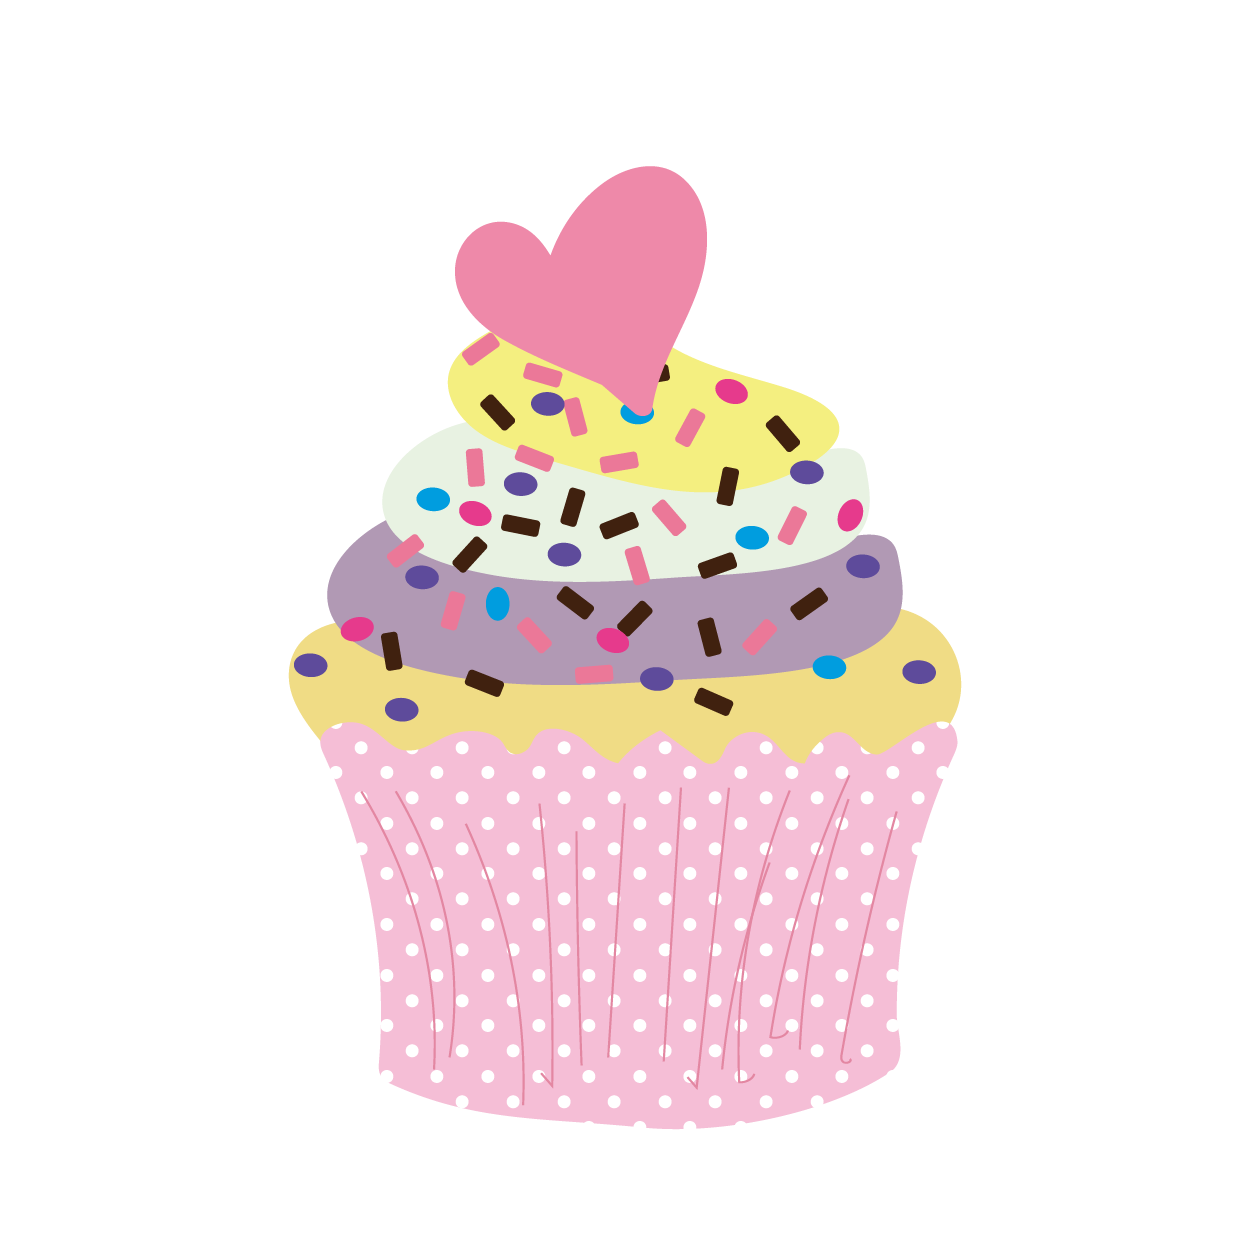 ハートとチョコスプレーのカップケーキ イラストスイーツお菓子